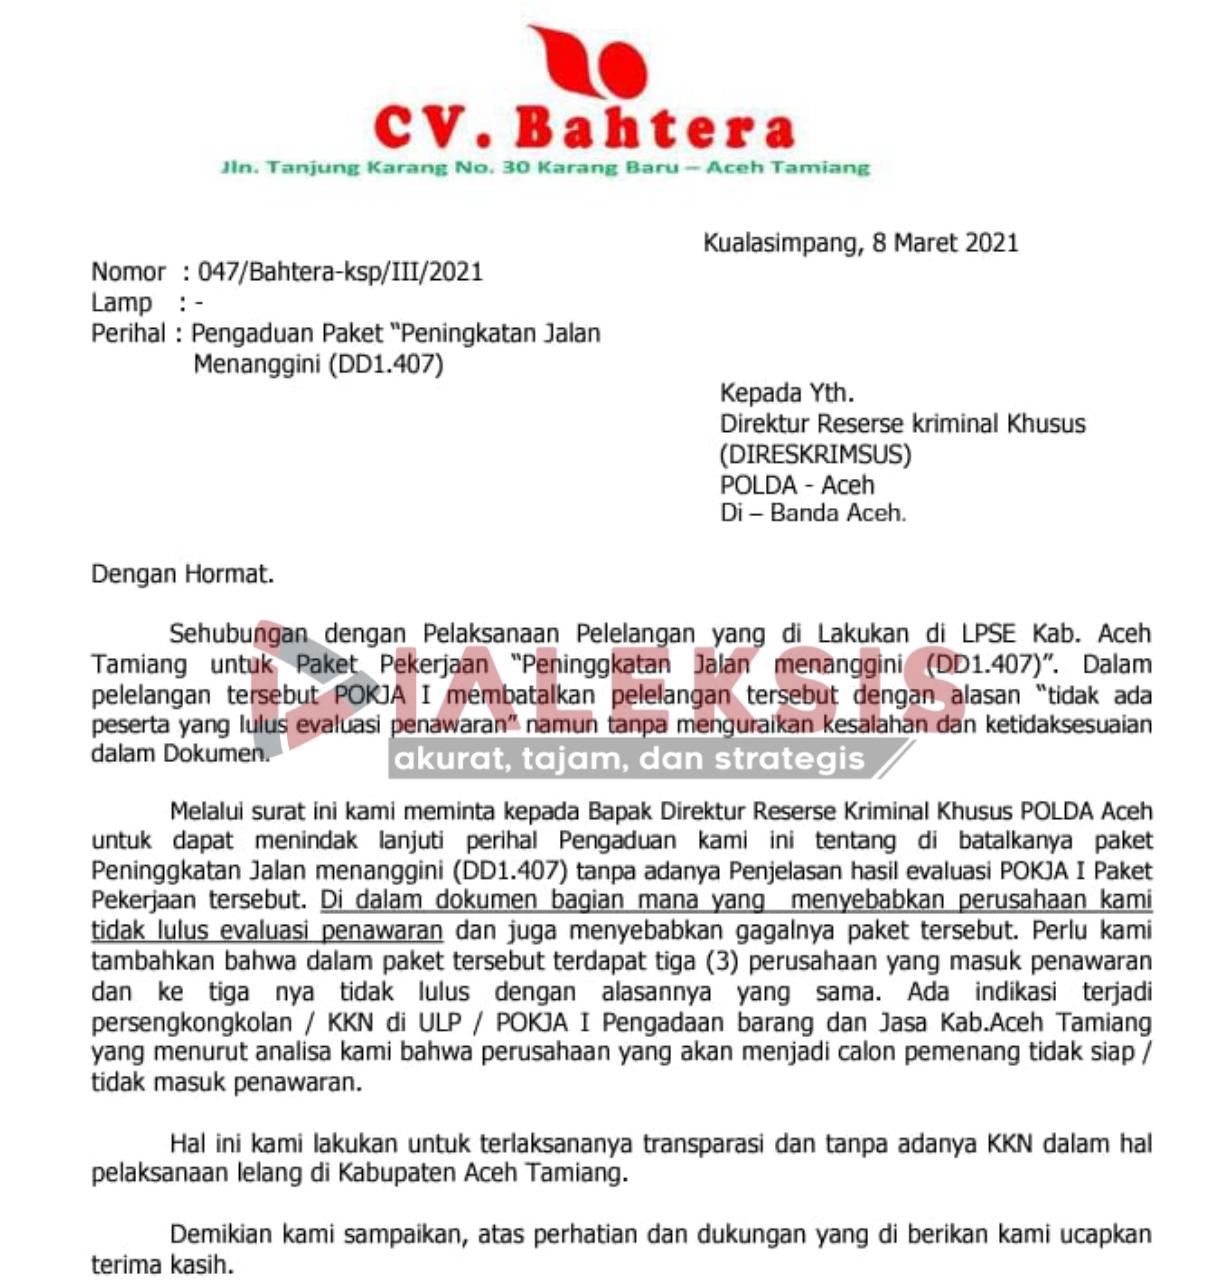 Paket Peningkatan Jalan Menanggini di Retender, Rekanan Aceh Tamiang Surati Polda Aceh